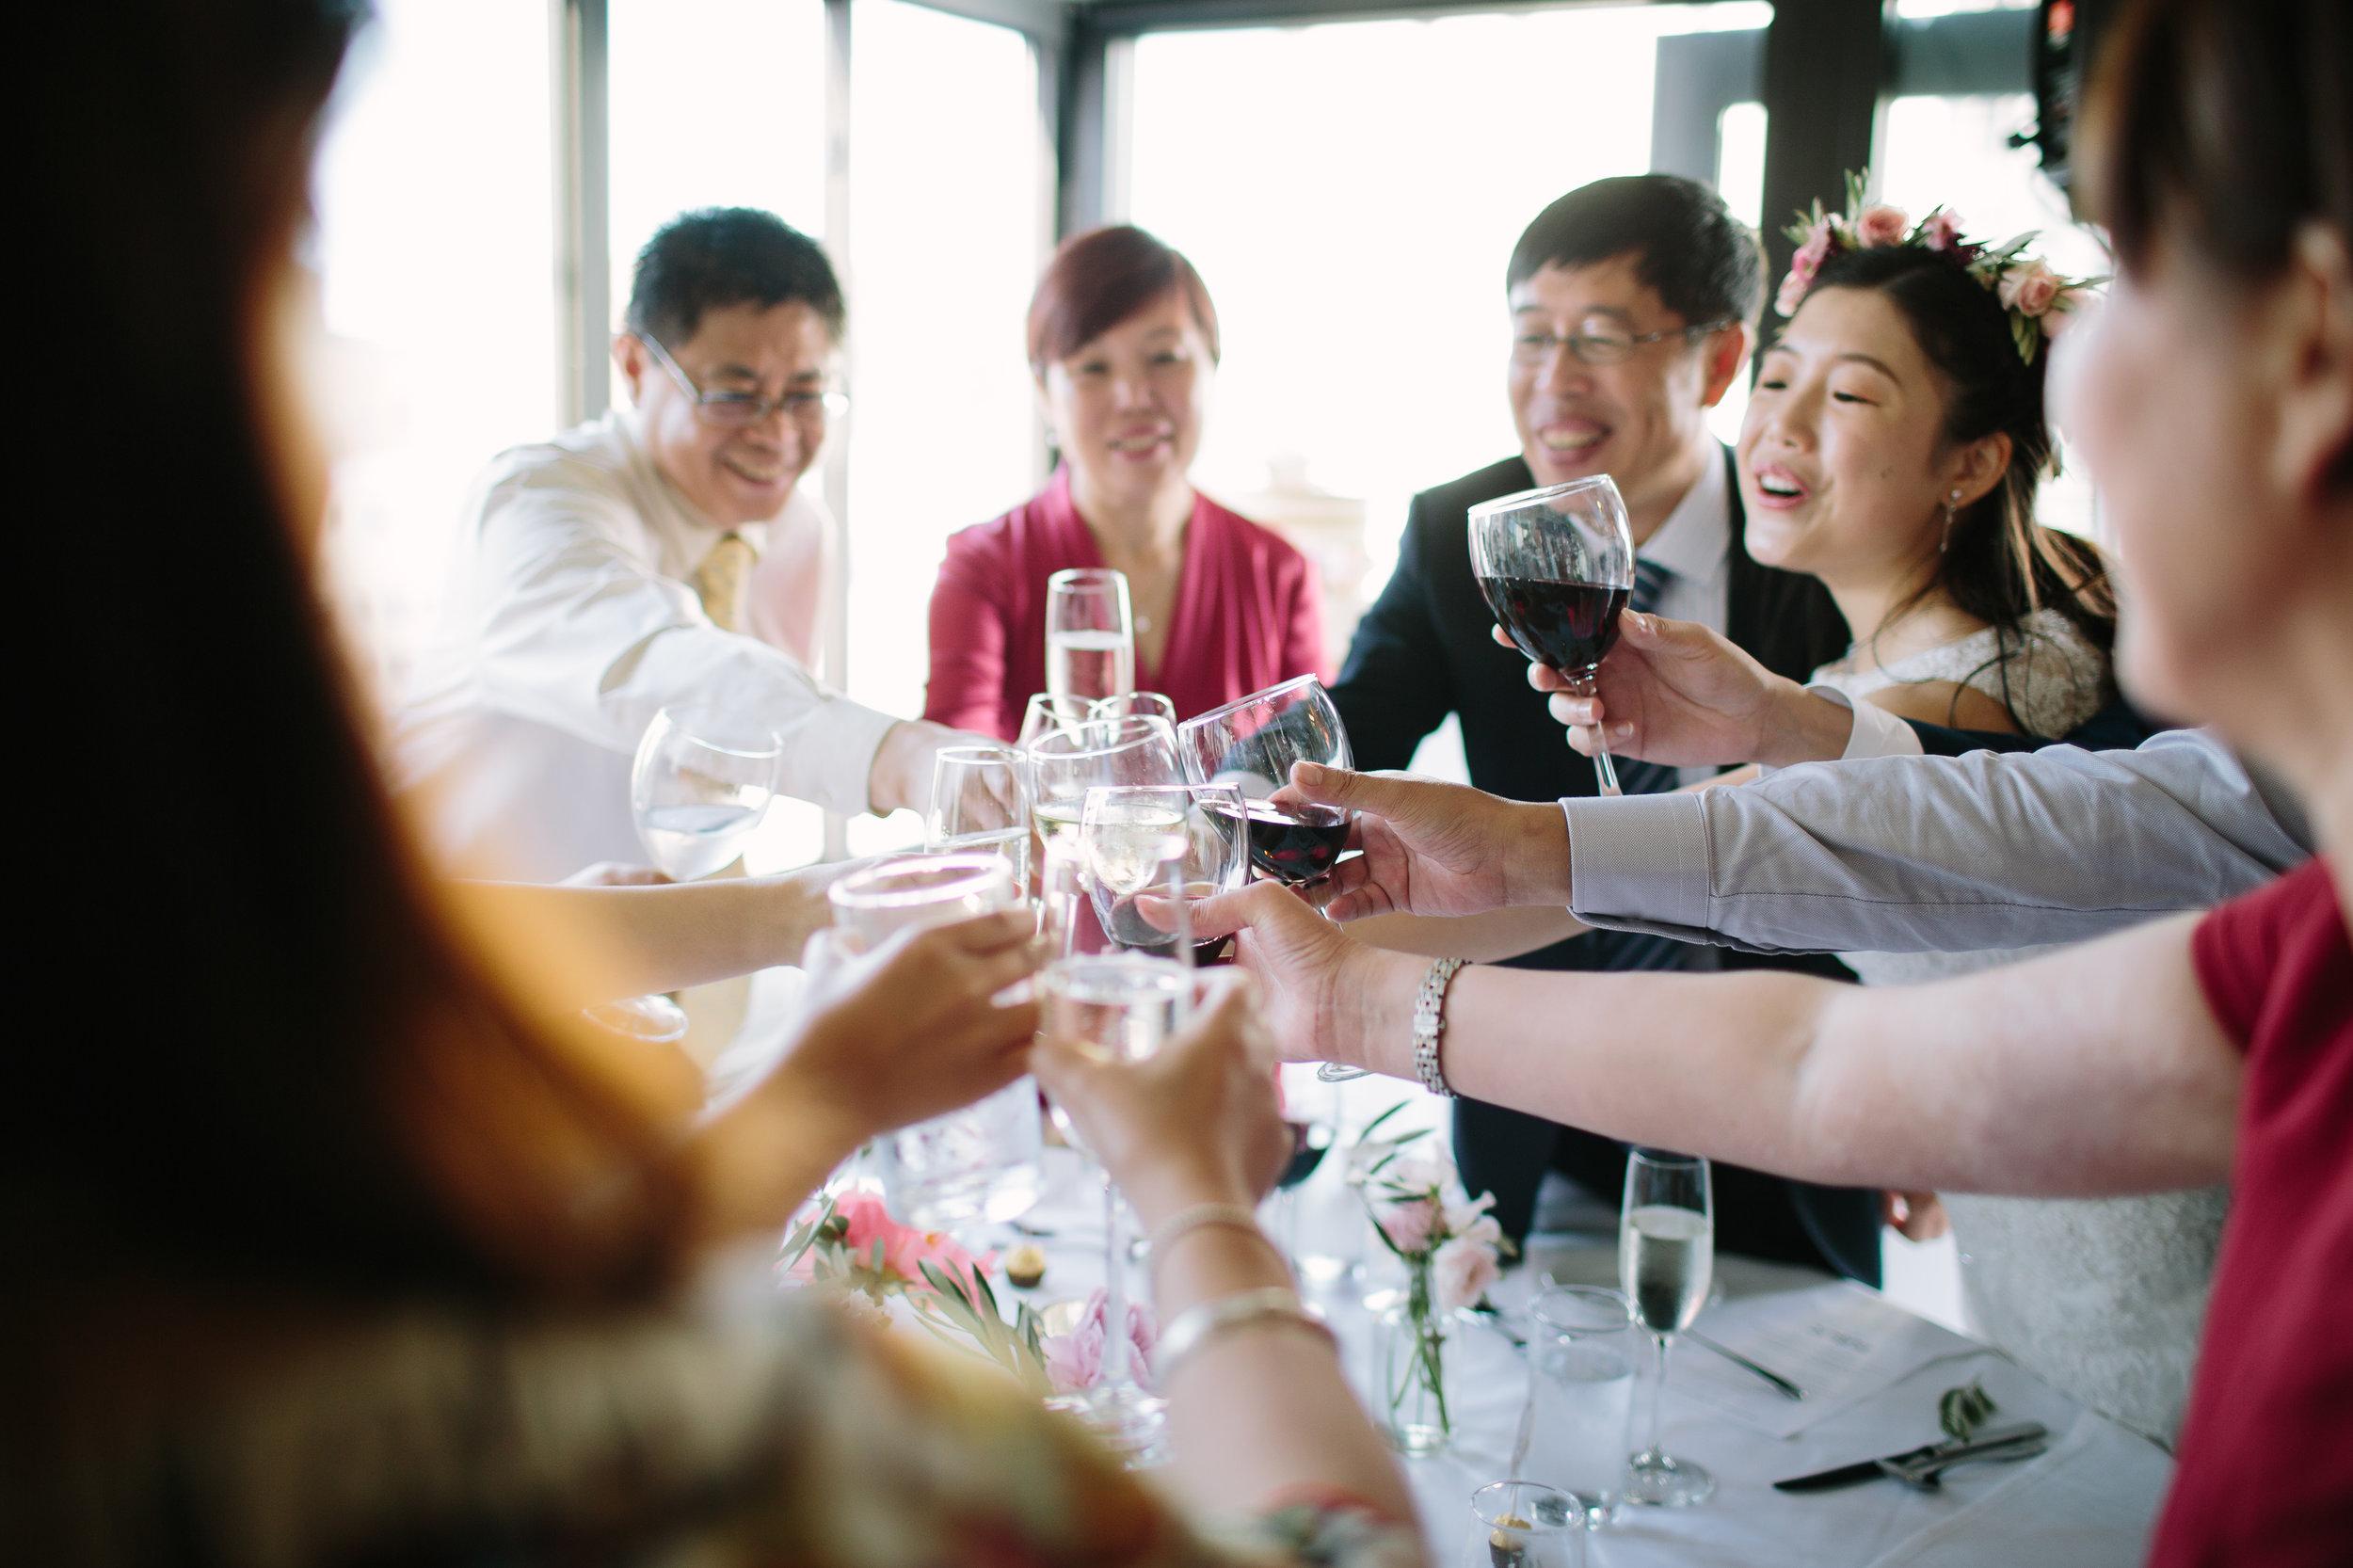 Nicodem Creative-Wang Wedding-Public Hotel Chicago-32.jpg